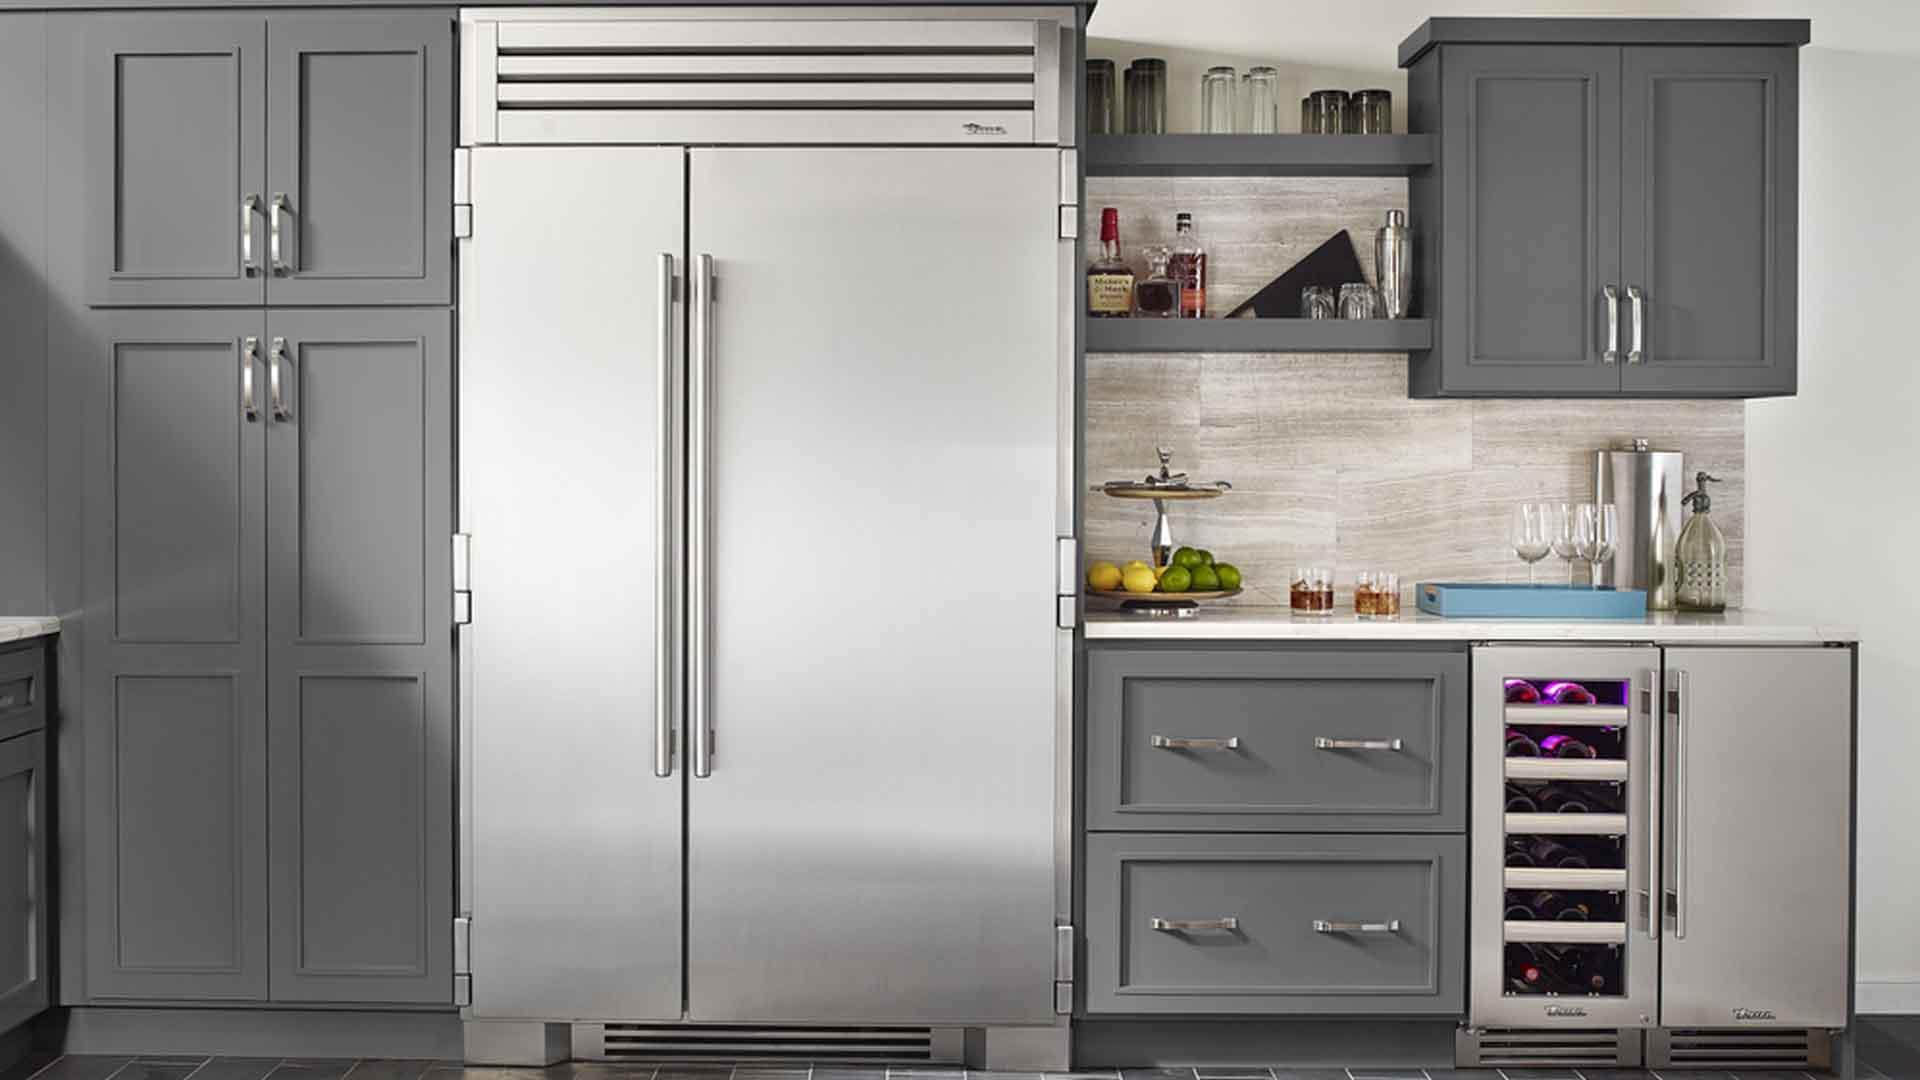 Thermador Freezer Columns Repair   Thermador Appliance Repair Pros